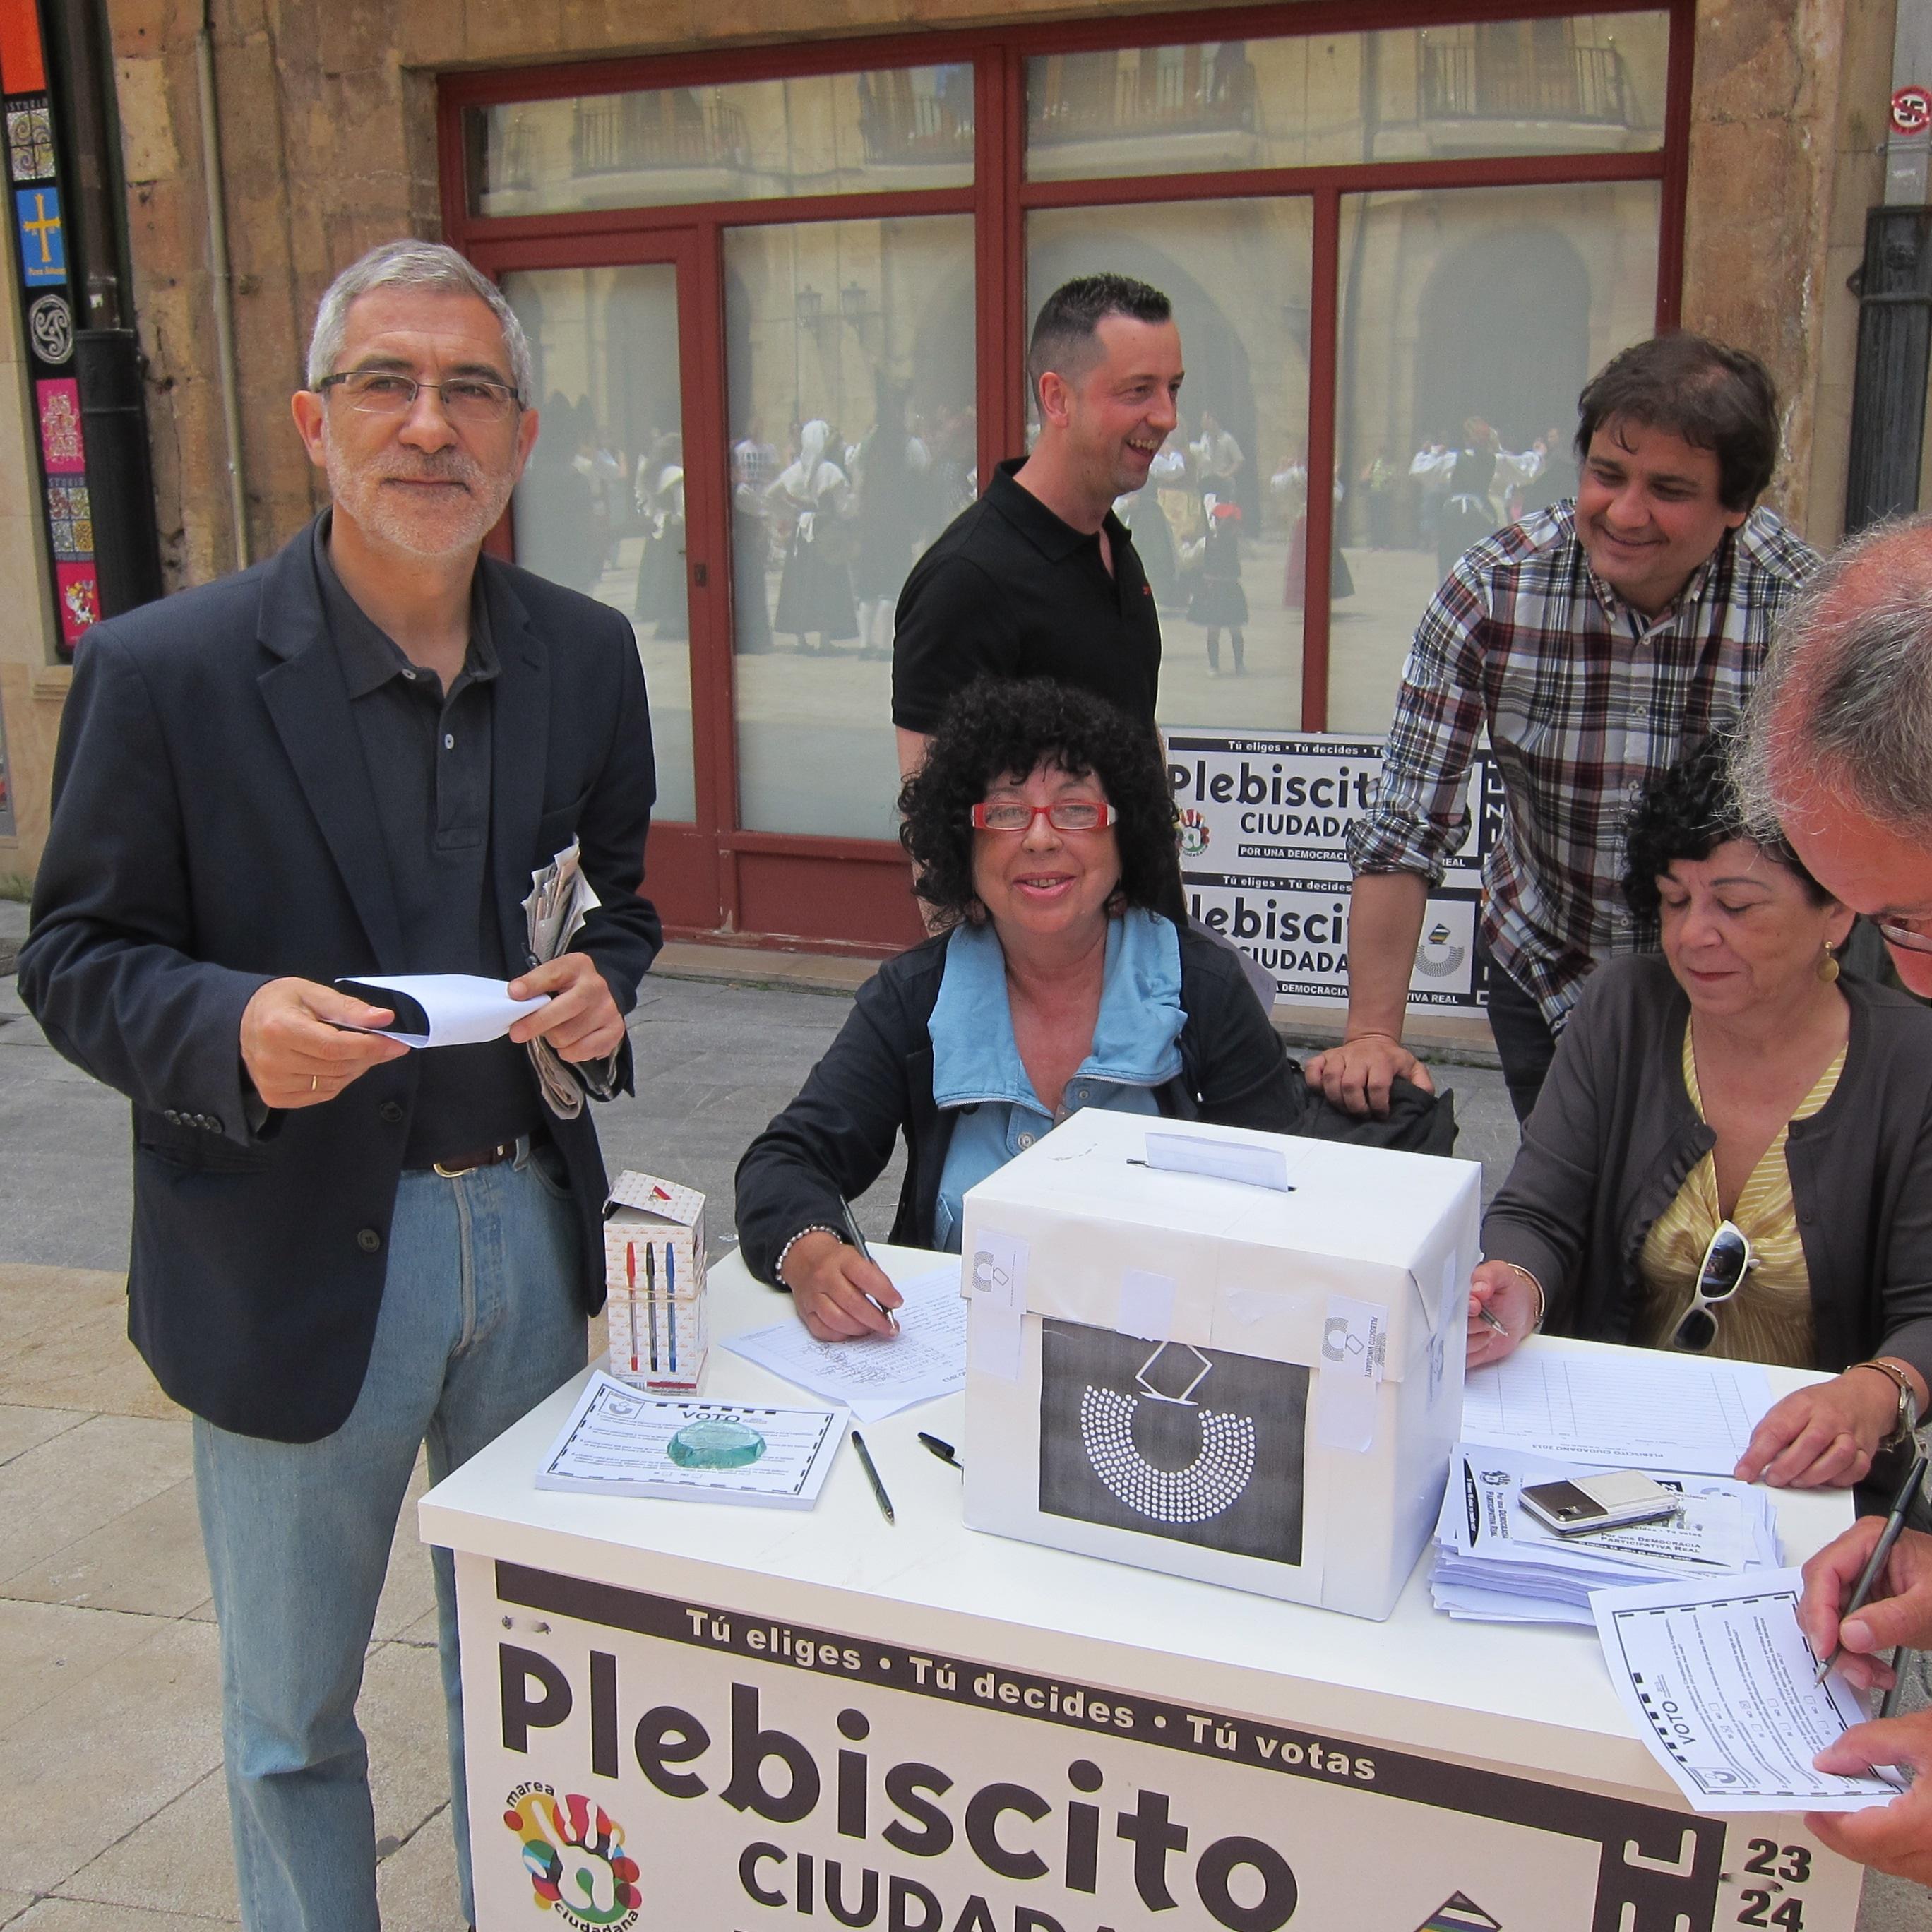 Llamazares apoya el »Plebiscito ciudadano» como alternativa a la política del Gobierno de Rajoy que cree «ilegítimo»